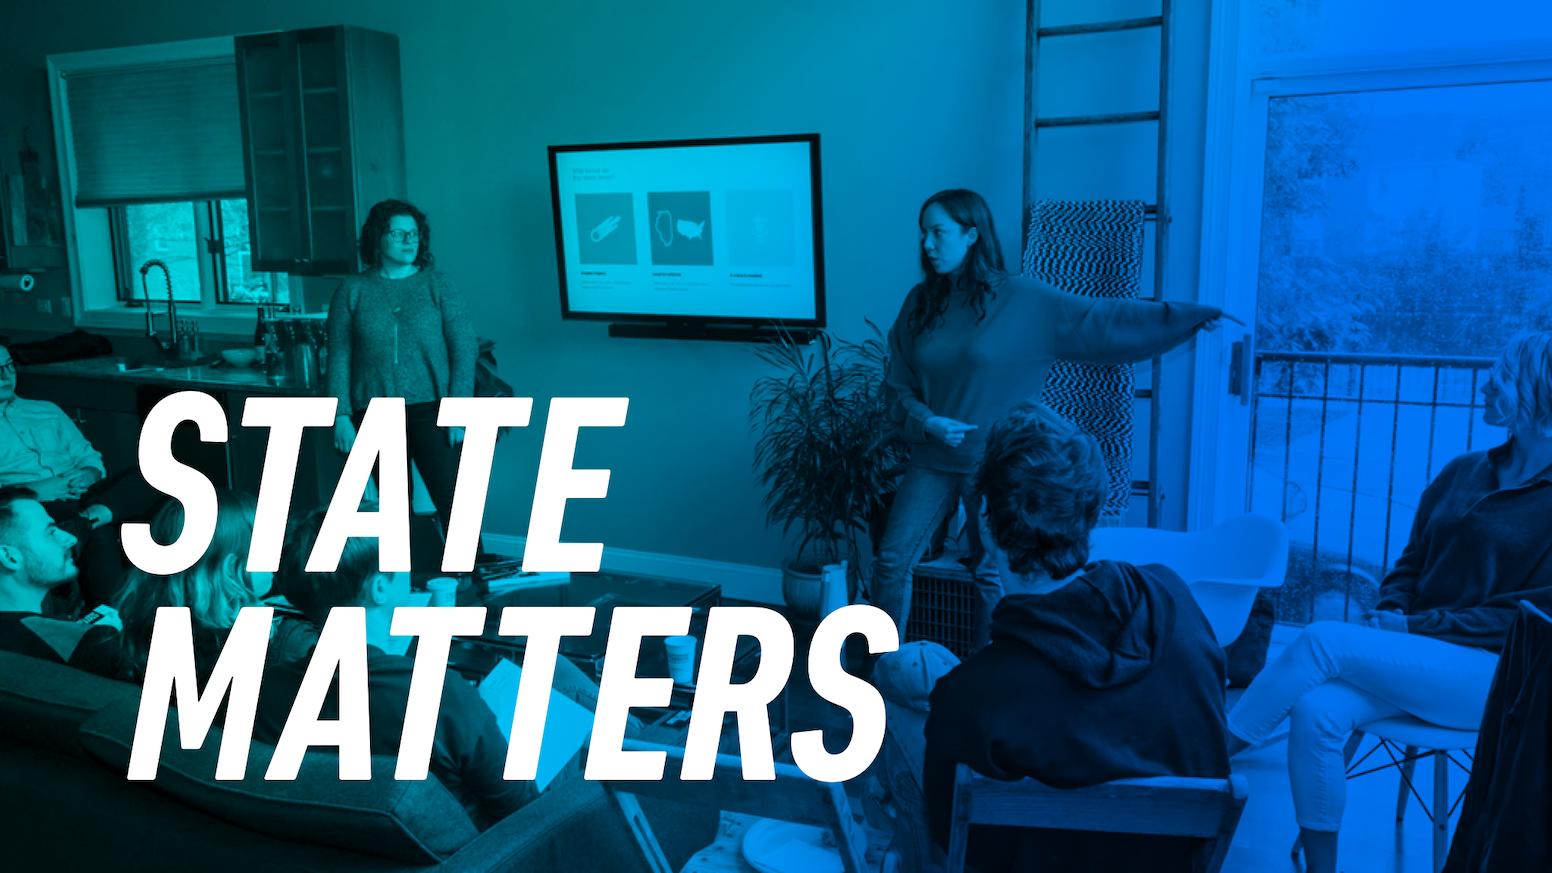 State Matters